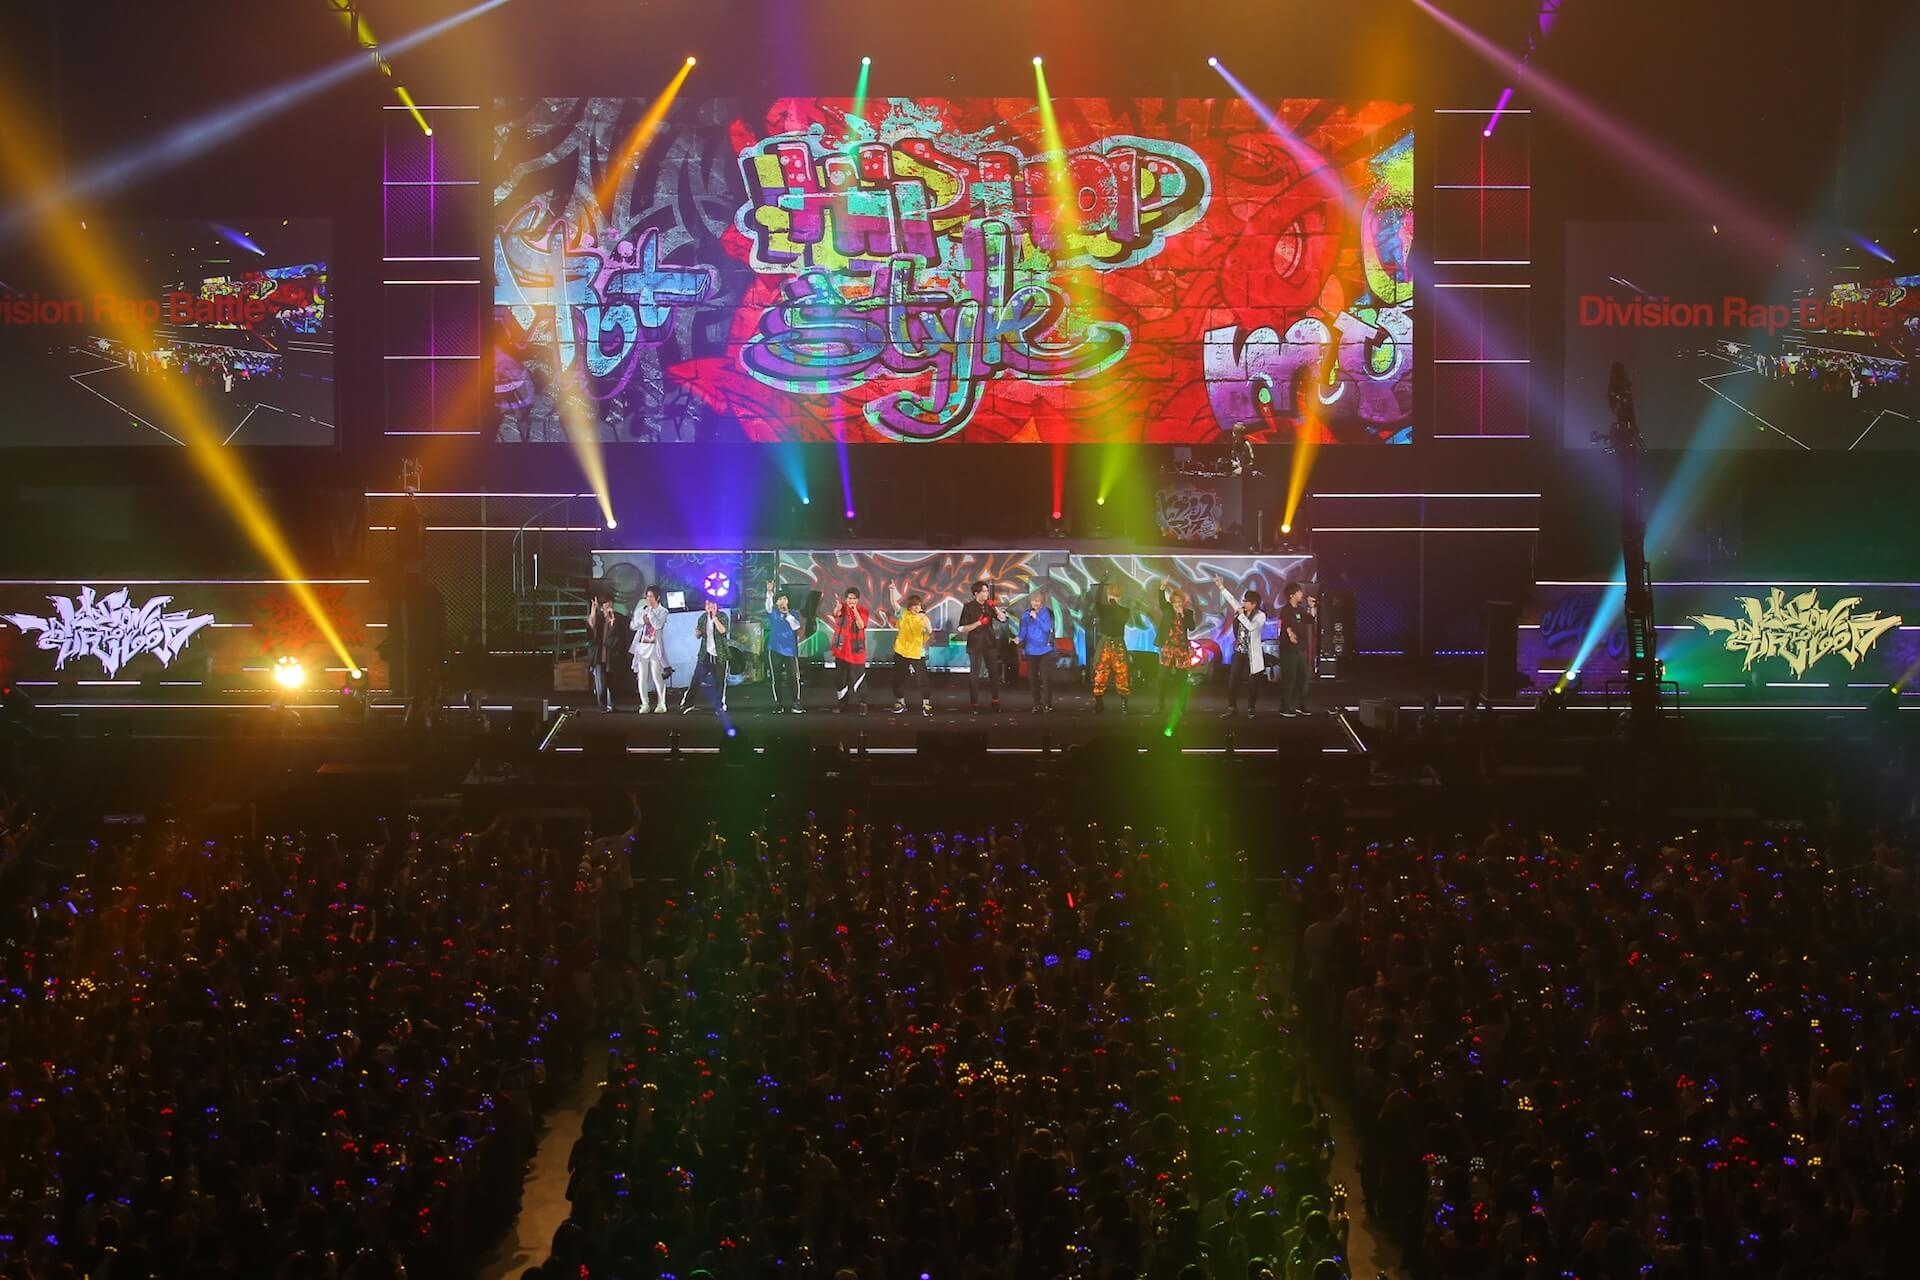 ヒプノシスマイク5thライブにZeebra、Creepy Nuts、nobodyknows+出演決定!4thライブのBlu-ray&DVD発売も art200205_hypnosismic_live_1